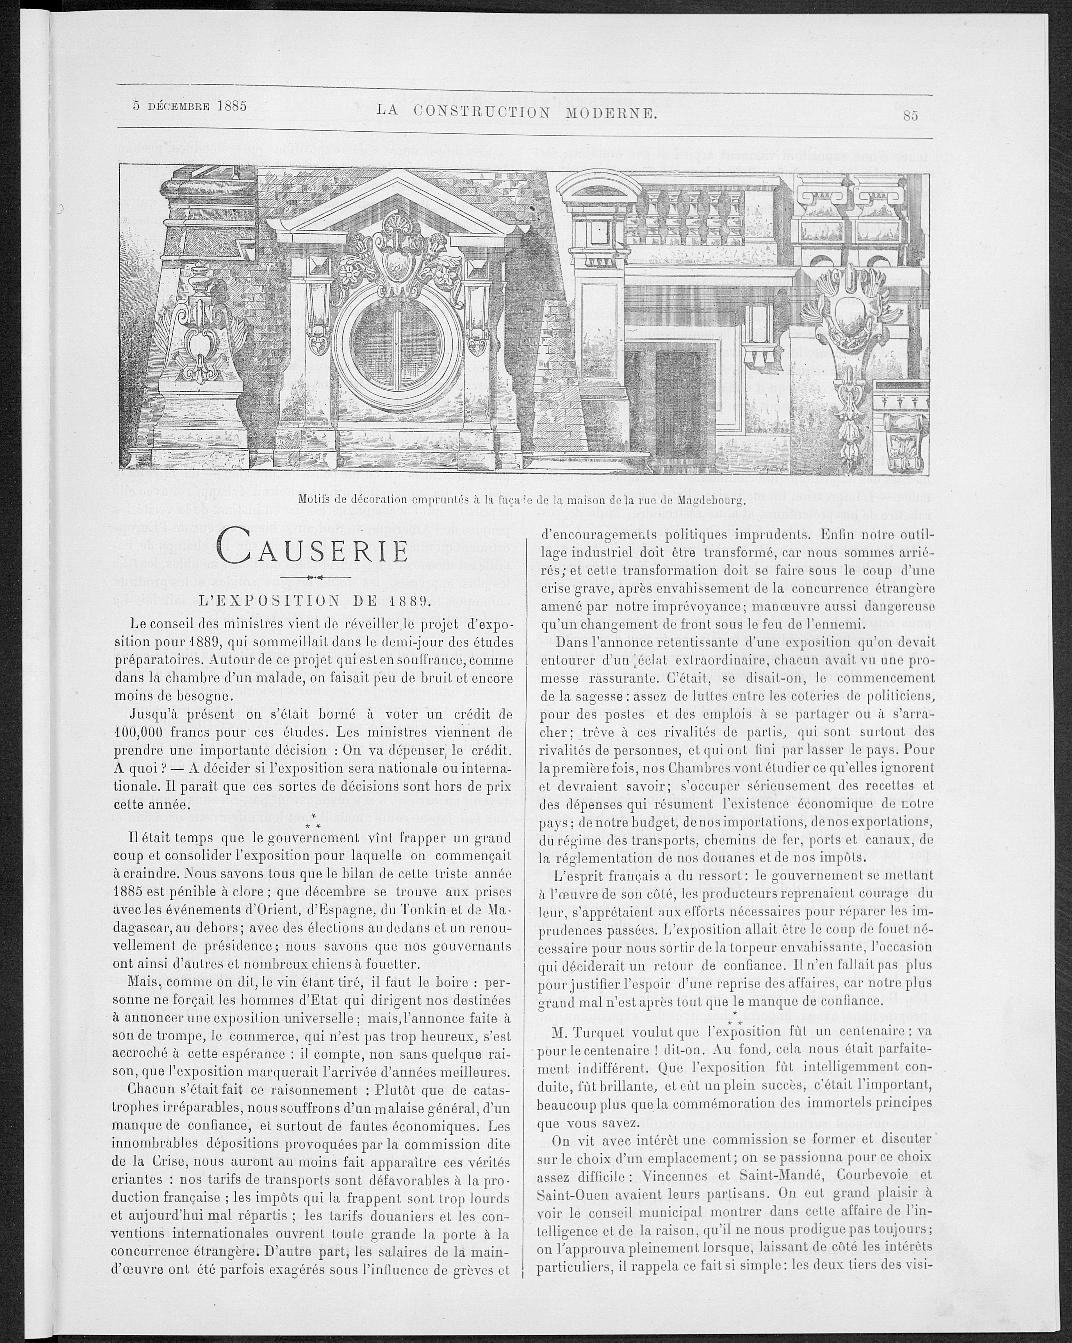 La Construction moderne, no. 8, 1885 |